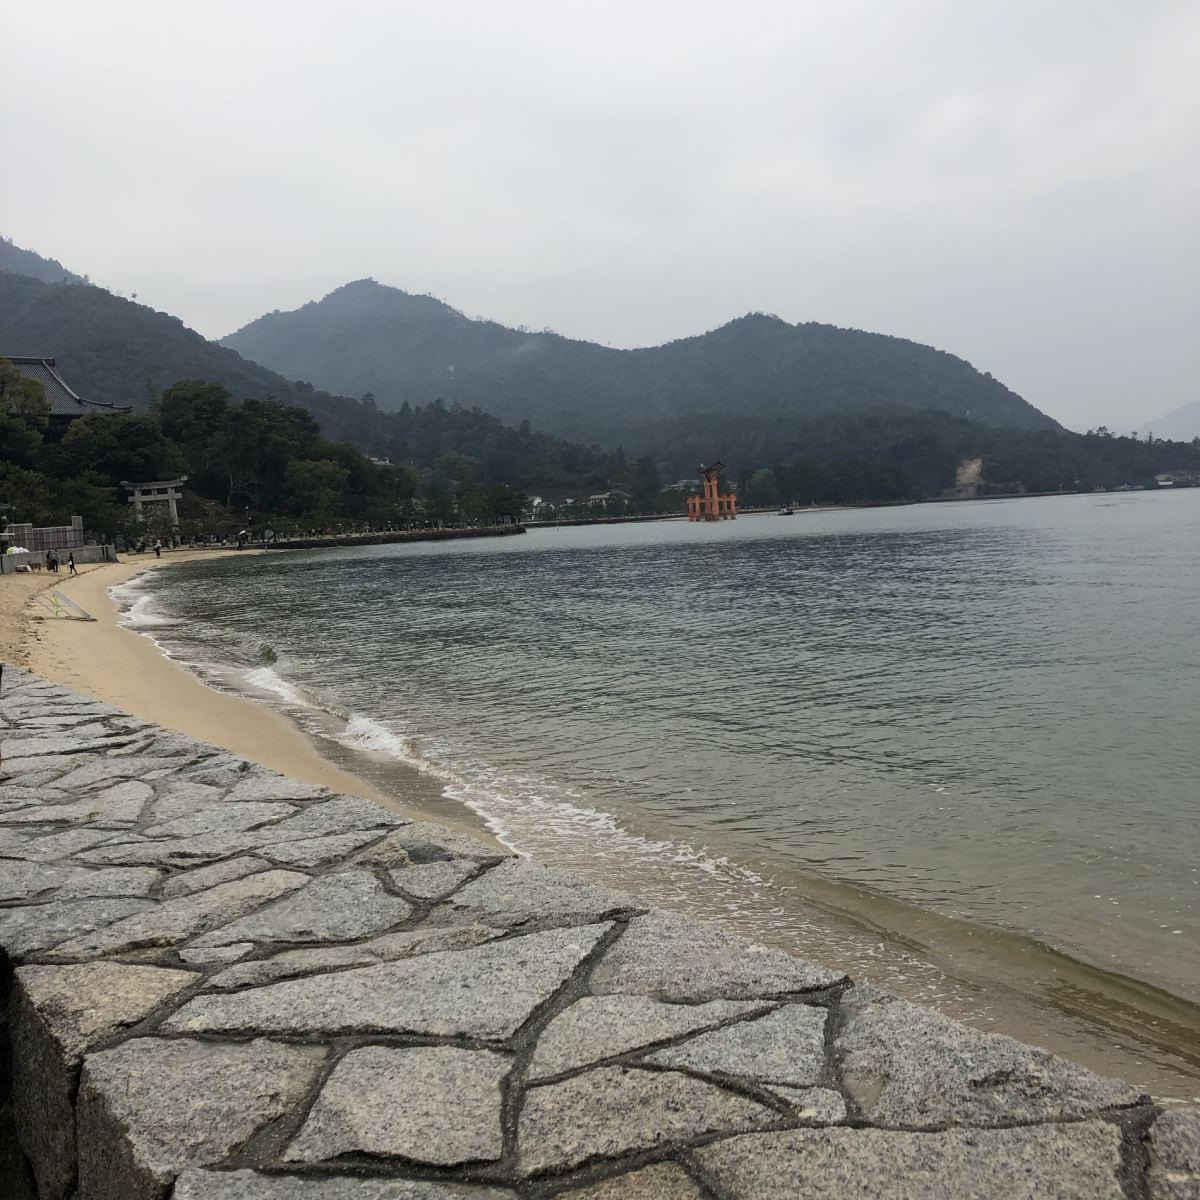 7 Things to Love About Miyajima Island